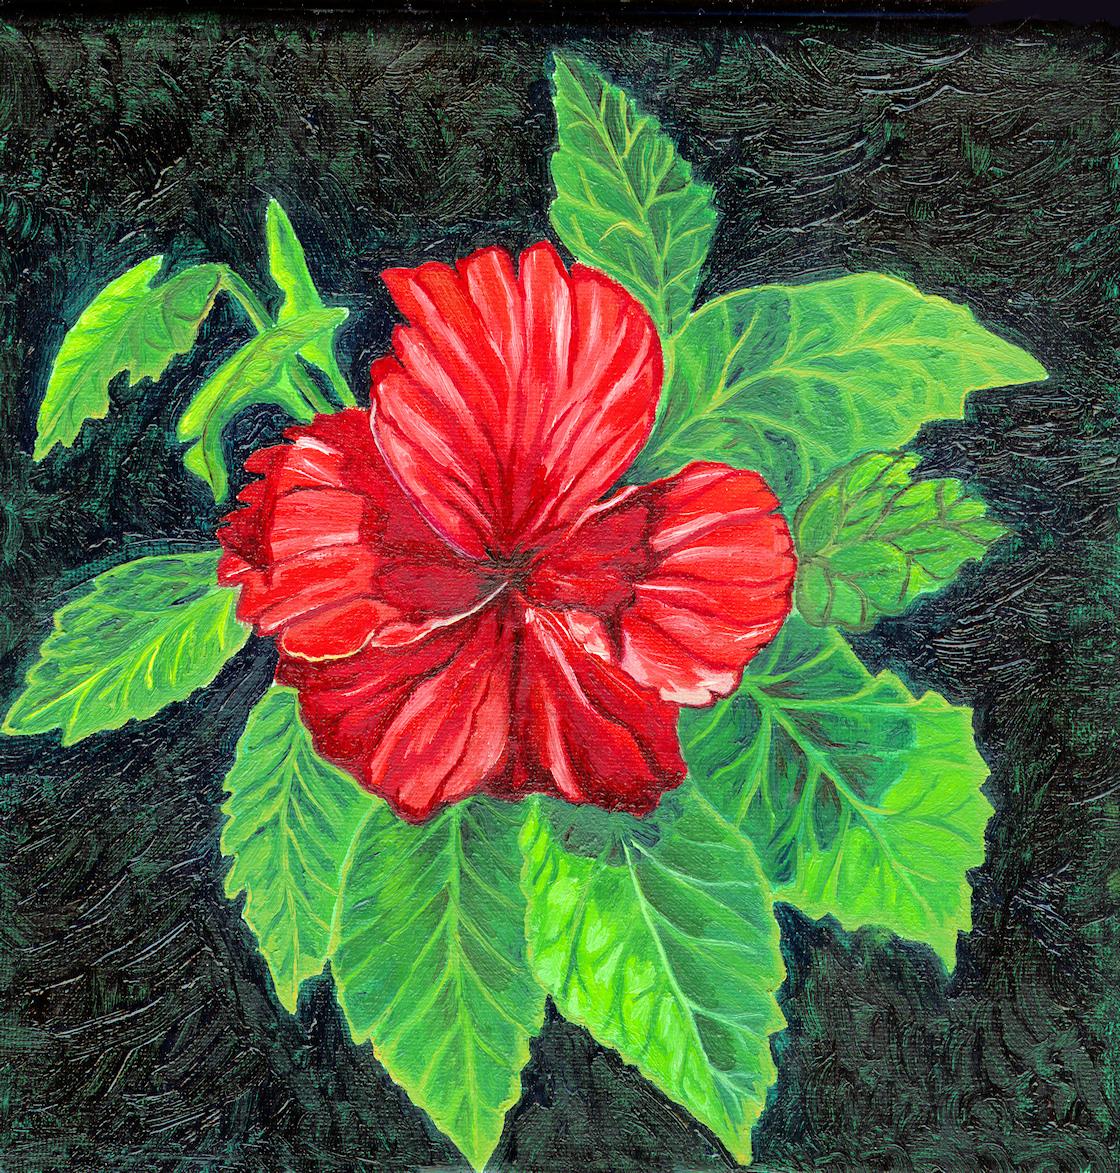 Dibujar pintar y mucho m s lienzos de bolsillo el - Pintar en lienzo para principiantes ...